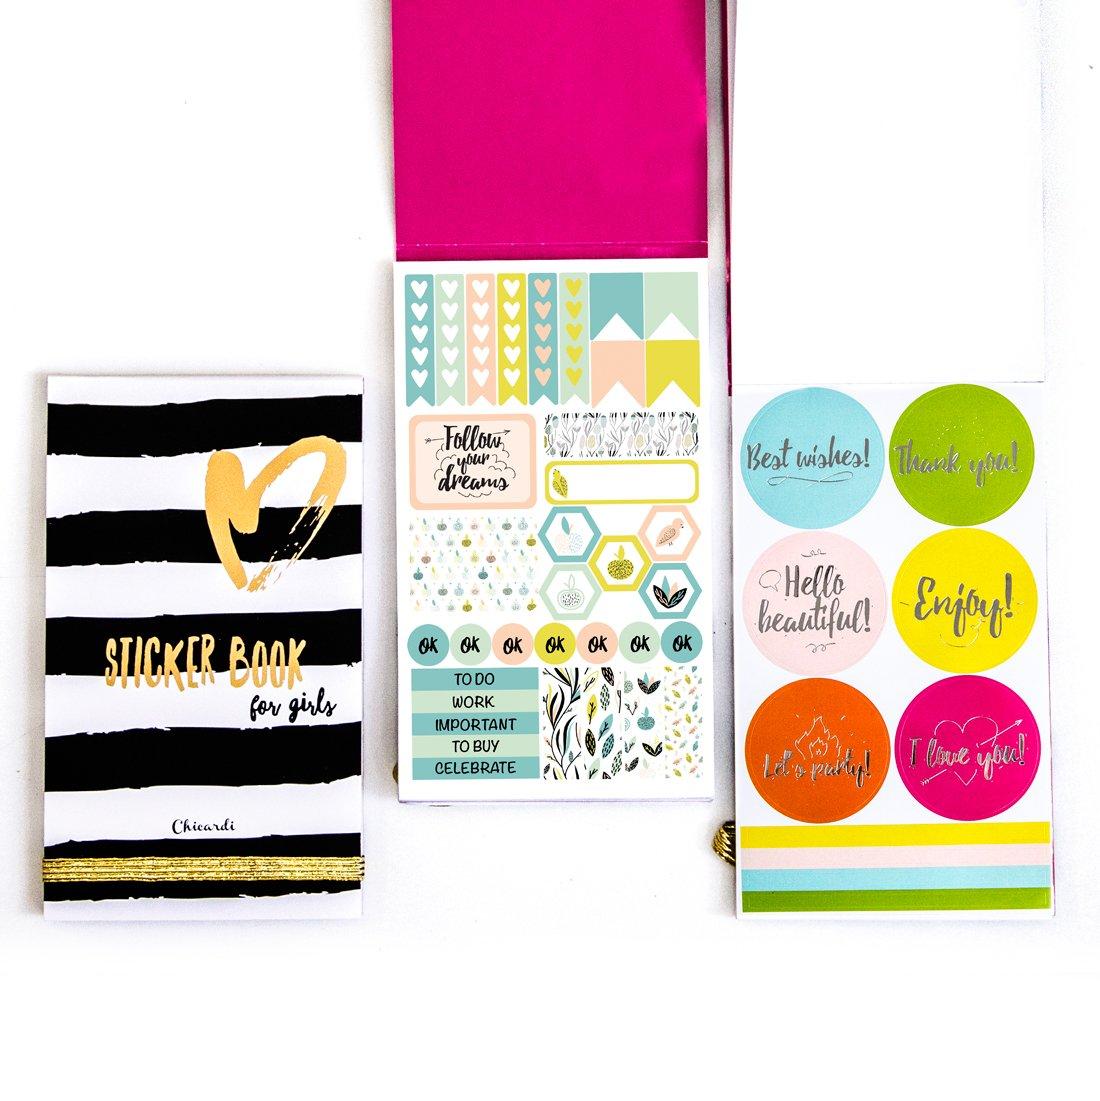 Chicardi Mensile Settimanale Quotidiano Planner Stickers Adesivi Notebook Scrapbooking Happy Colorati Sticker Book per Donne Bambini Studenti 2017 2018 Stickerbook